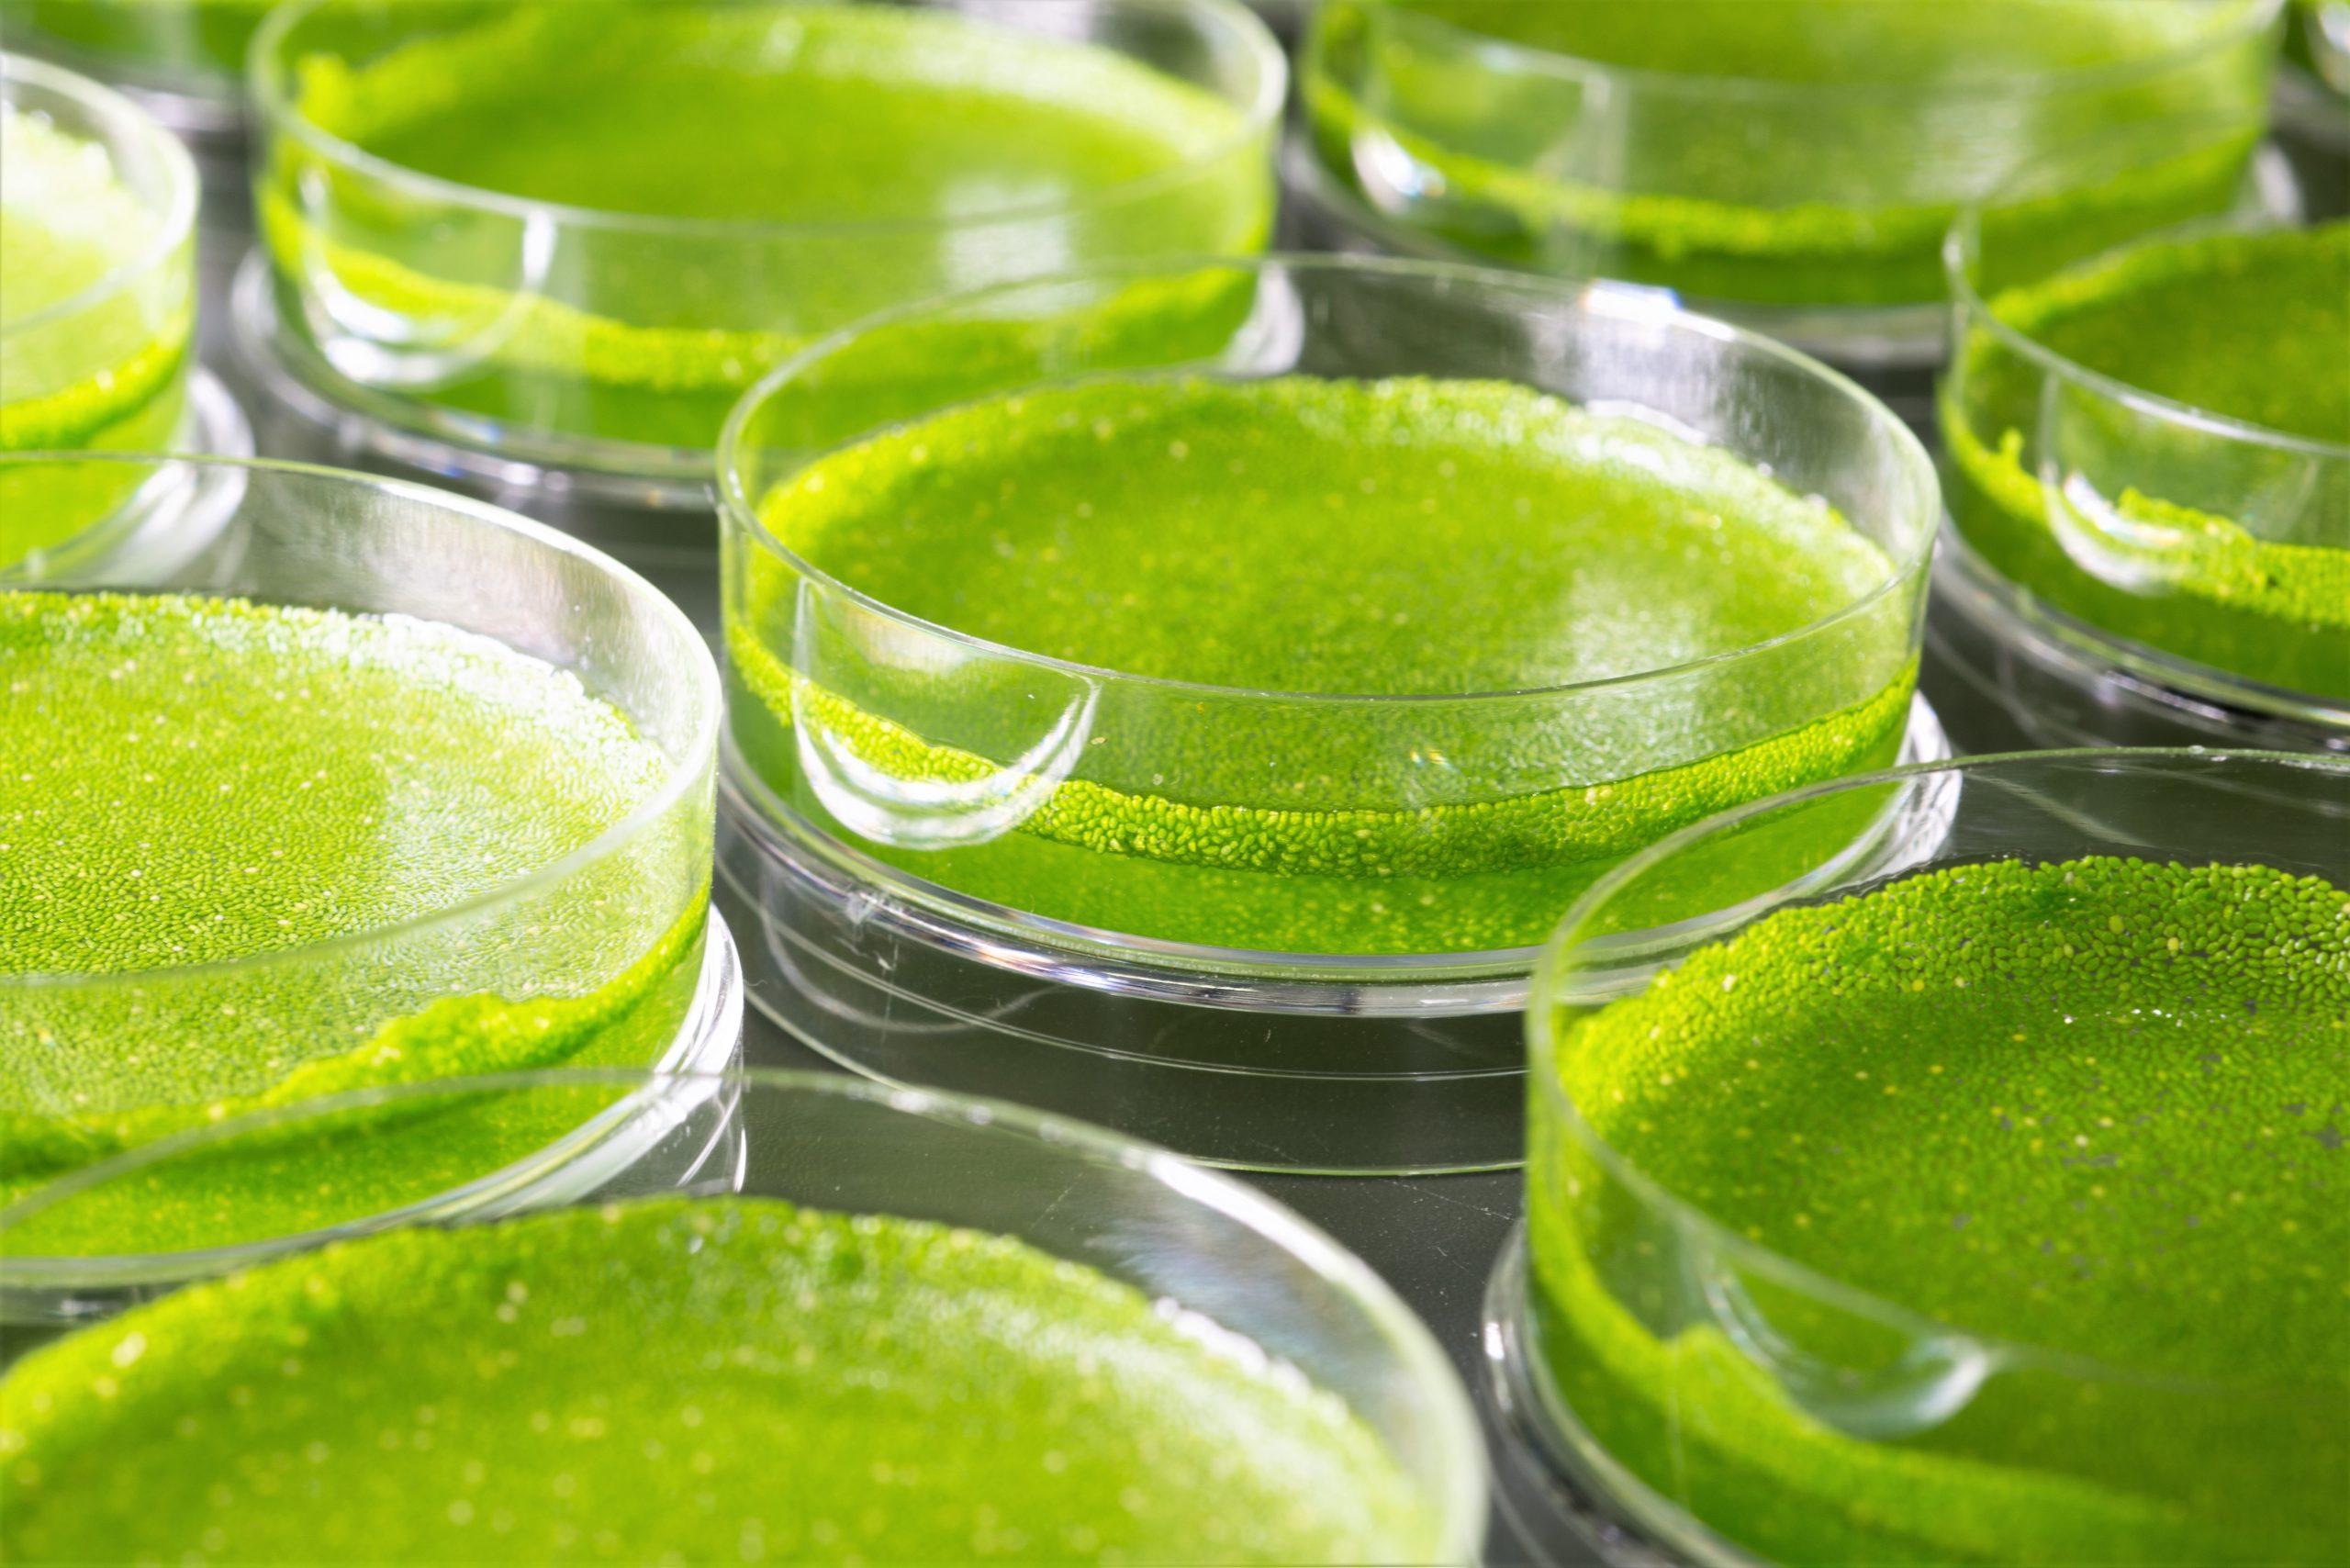 על זמינות B12 פעיל ונספג בצריכת ירק המנקאי